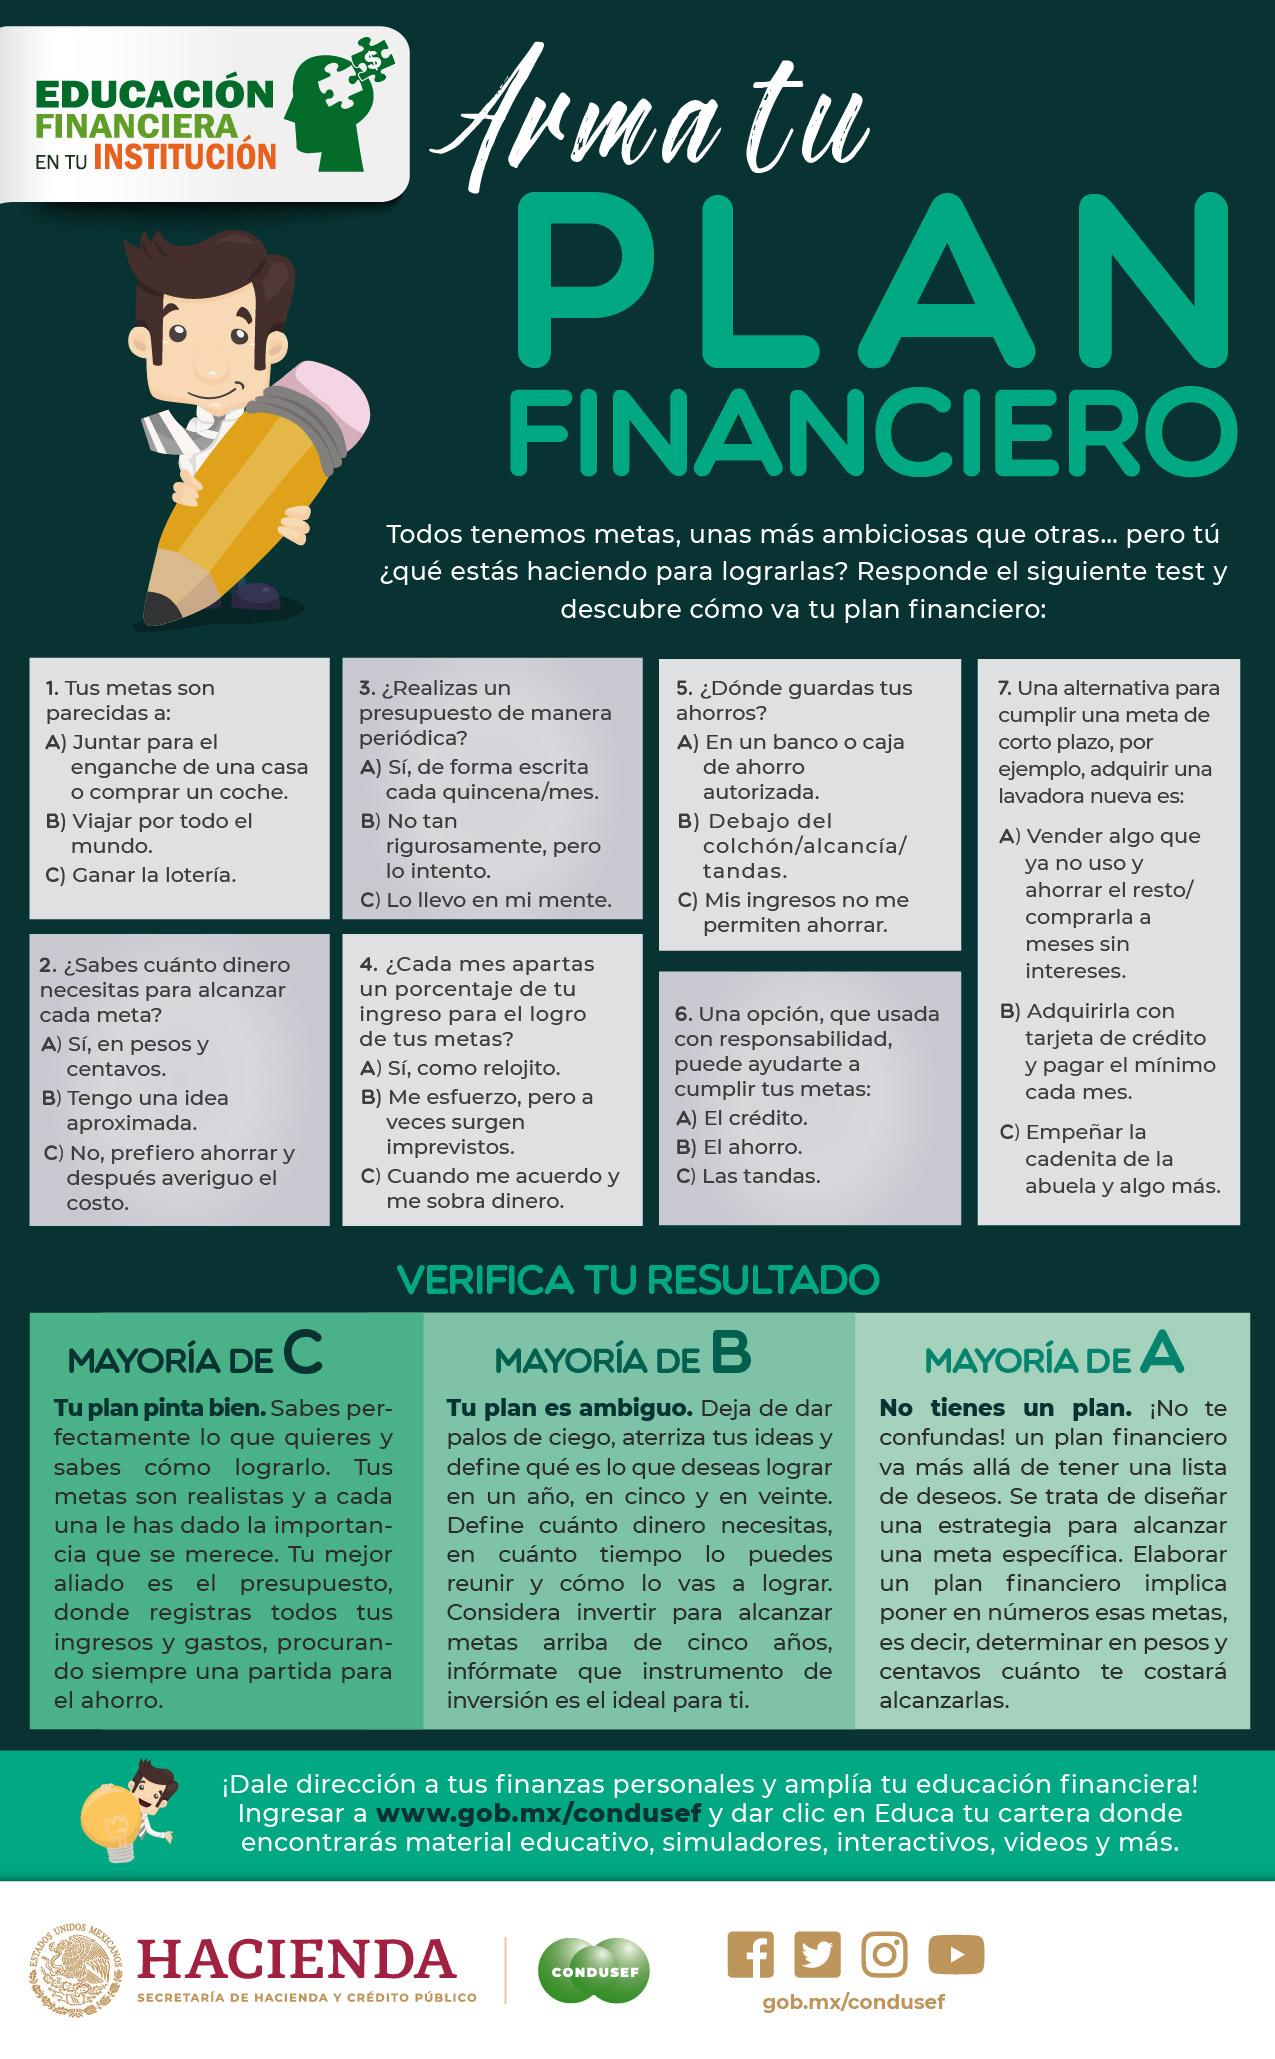 Arma tu plan financiero